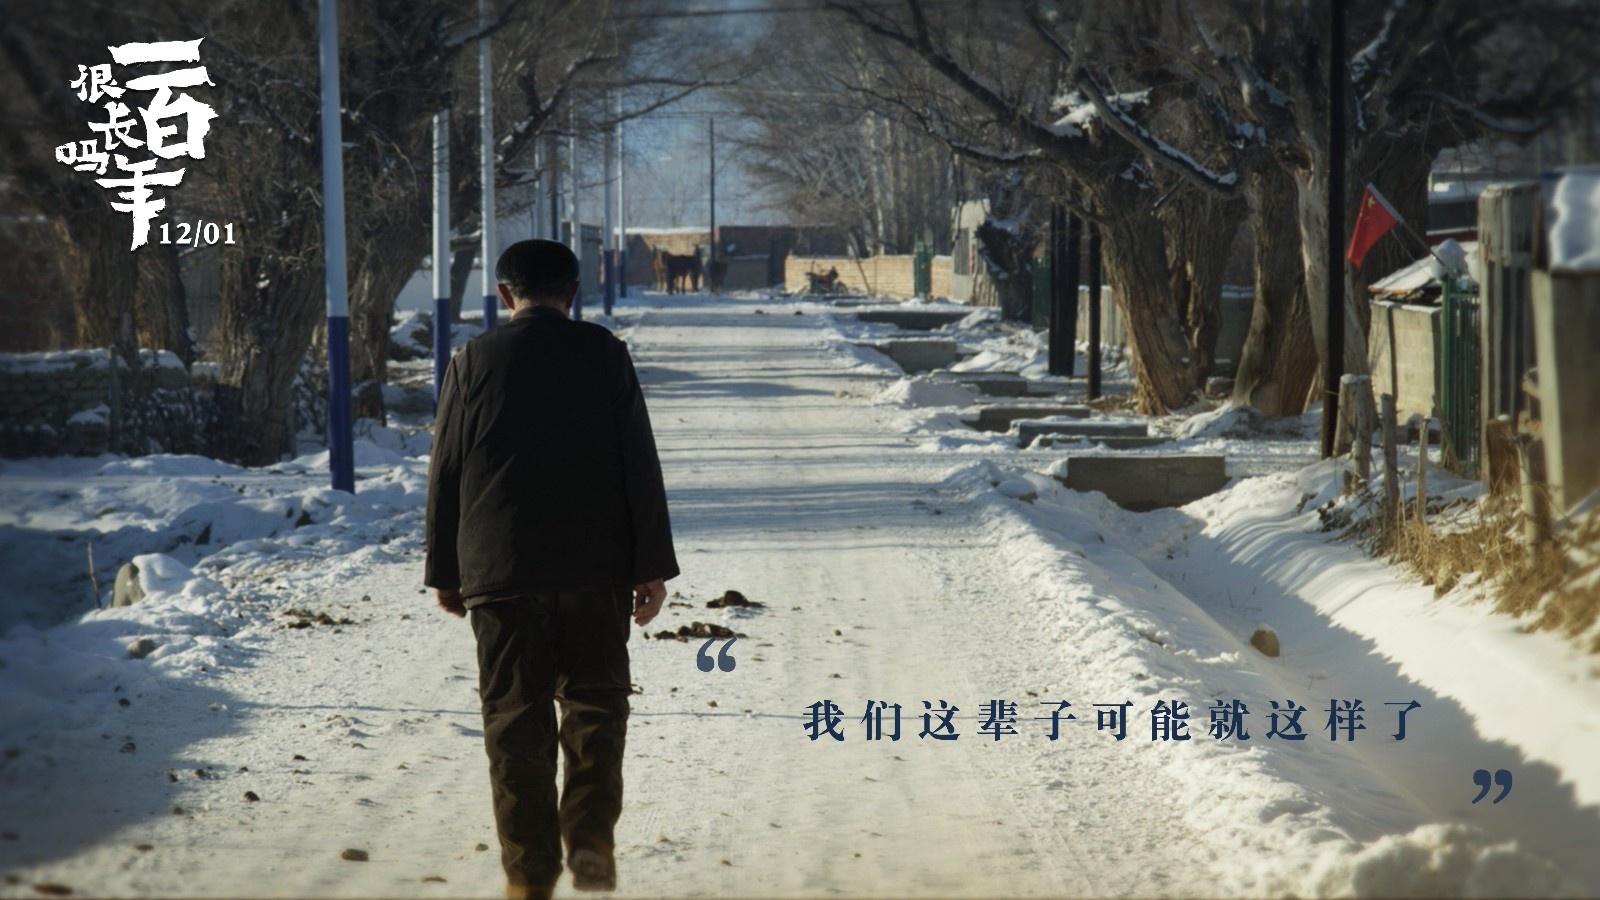 《一百年很长吗》路演 故宫男神惊喜现身